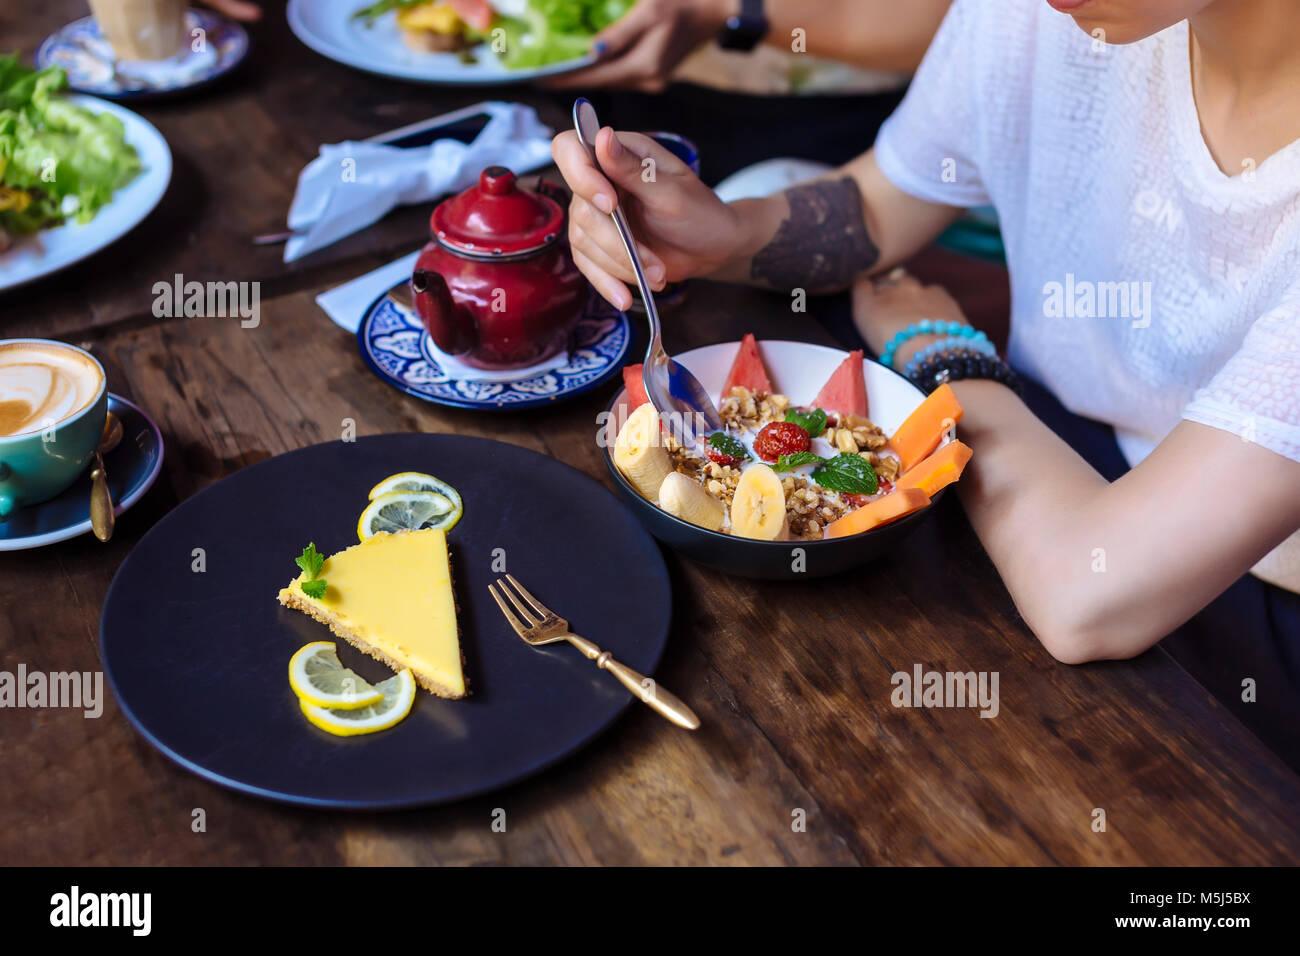 Una mujer con una comida saludable en un café Imagen De Stock